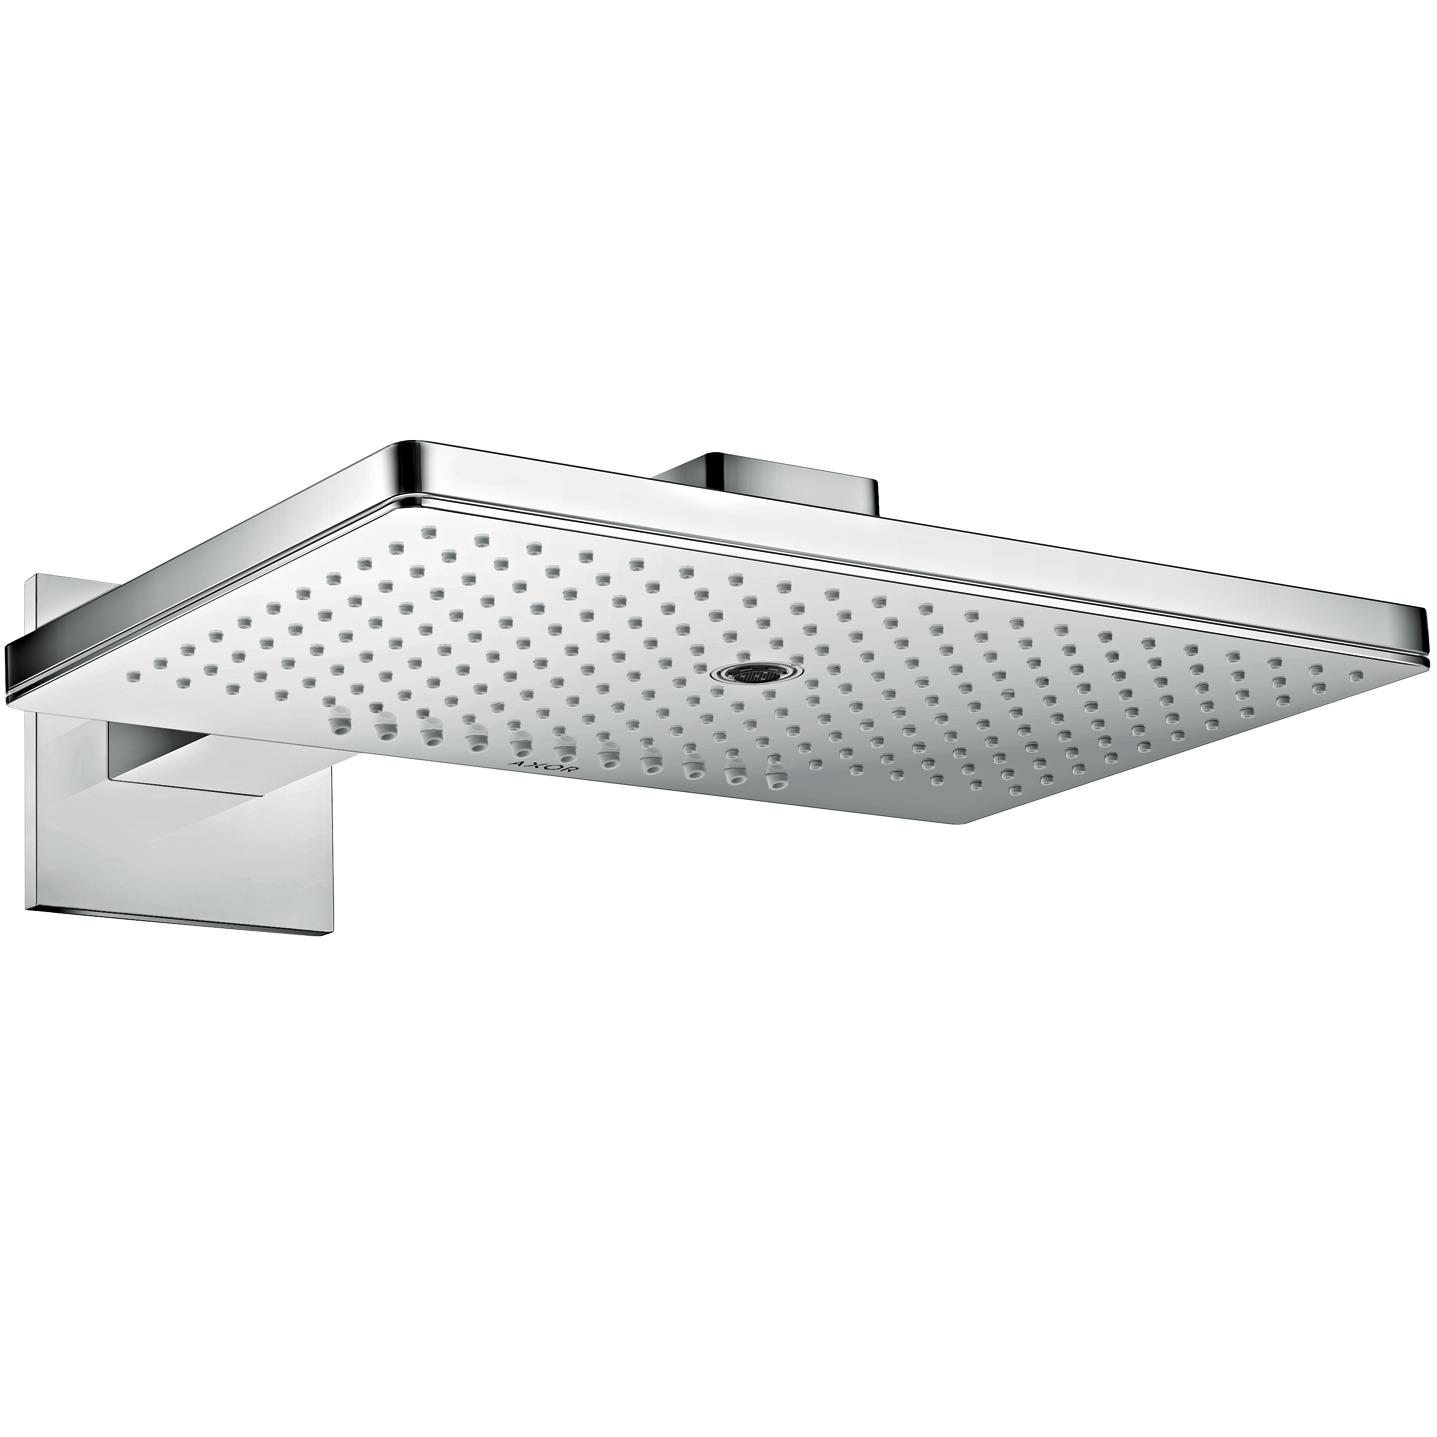 Axor Int Axor Showersolutions 3 Spray Modes 35282000